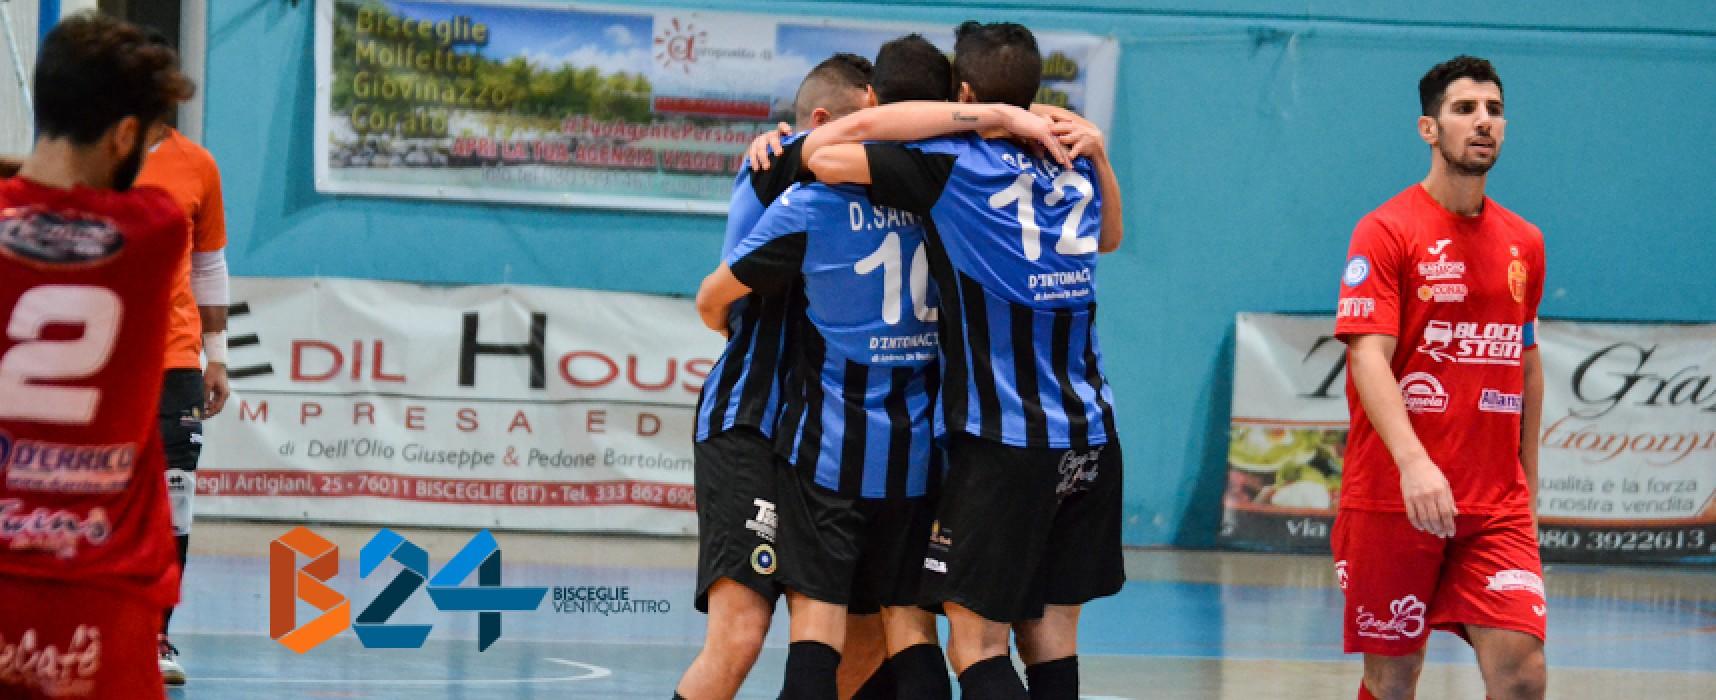 Futsal Bisceglie, che rimonta! Soffre e vince 8-4 a Catanzaro